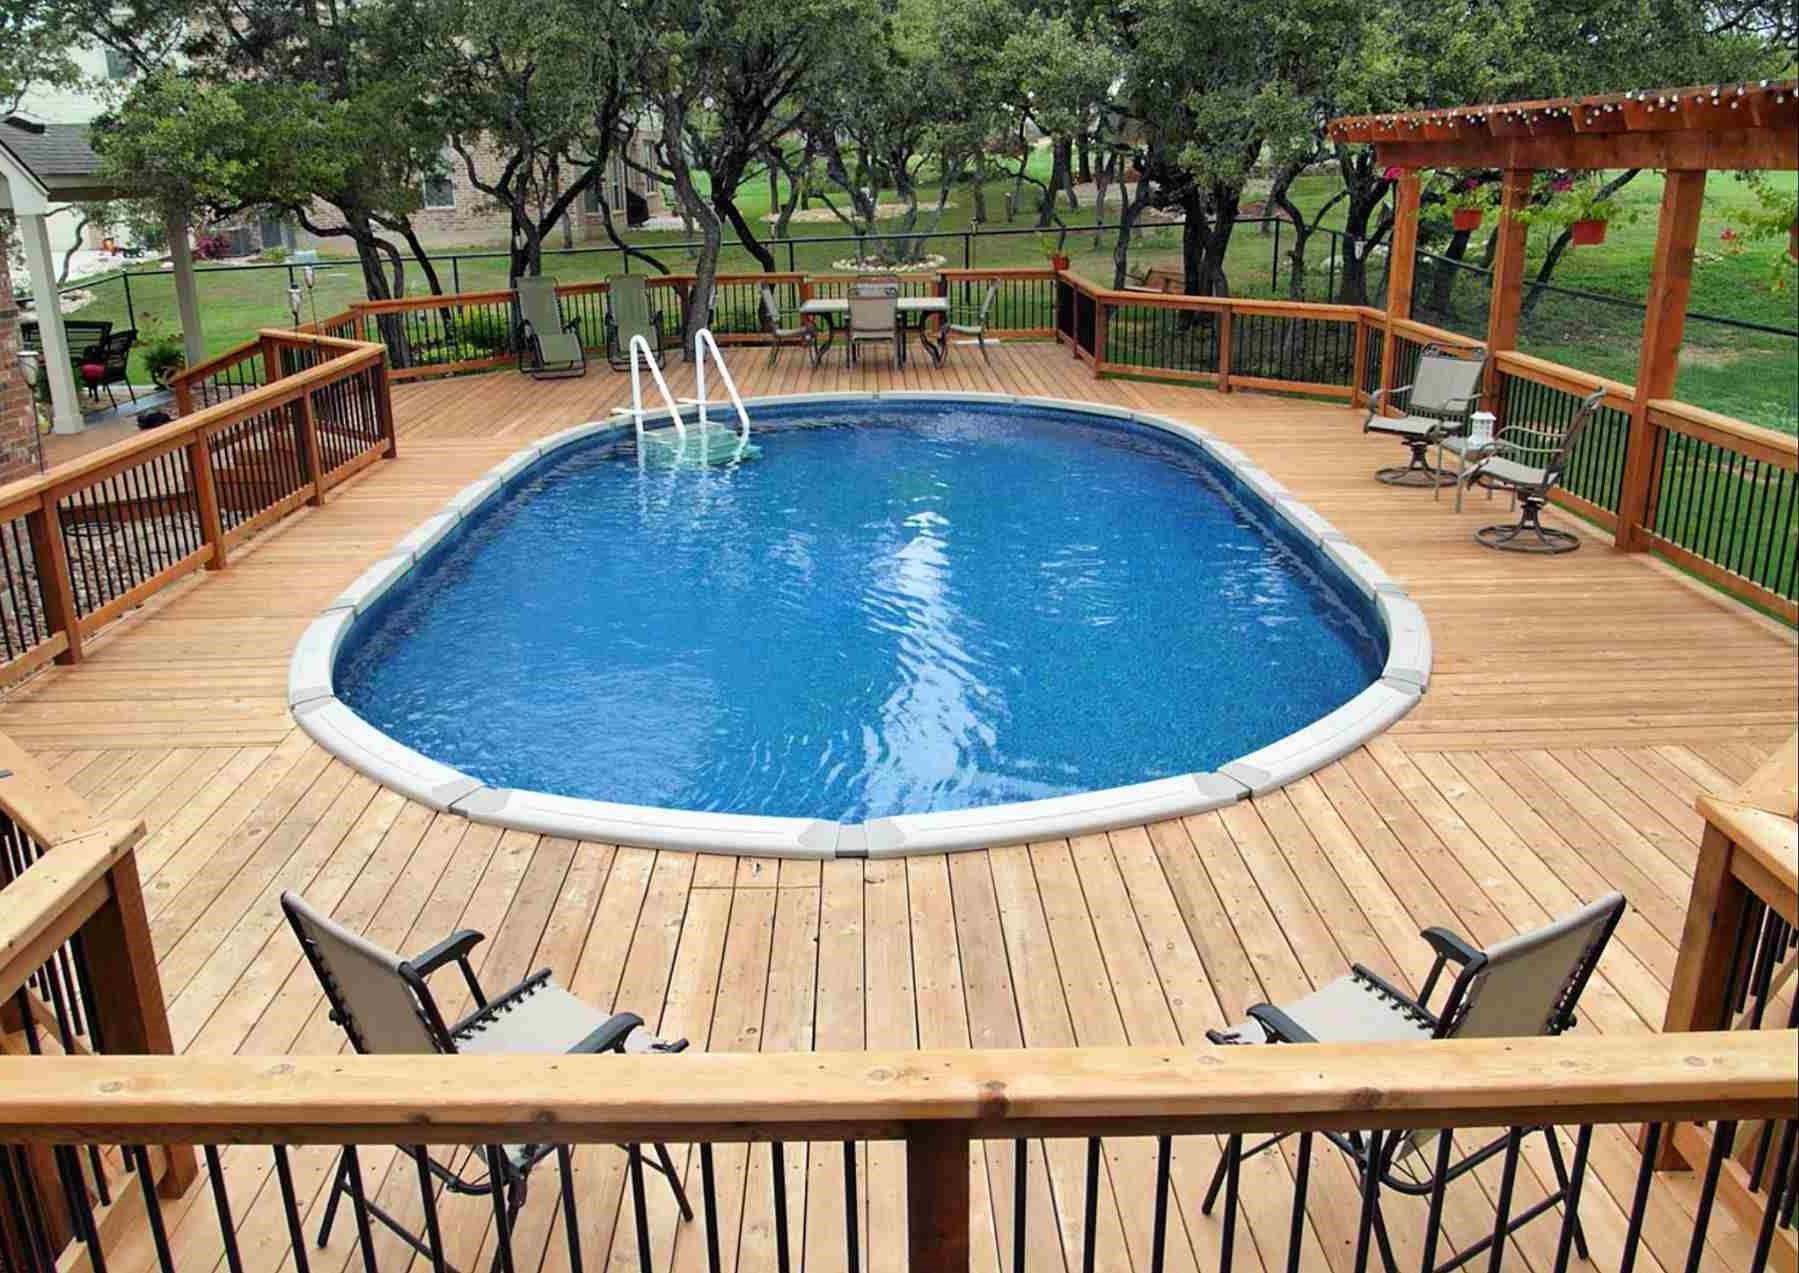 Si vous rencontrez beaucoup de résistance lorsque vous creusez dans votre jardin, une piscine semi-enterrée pourrait être une solution plus rapide et plus abordable.